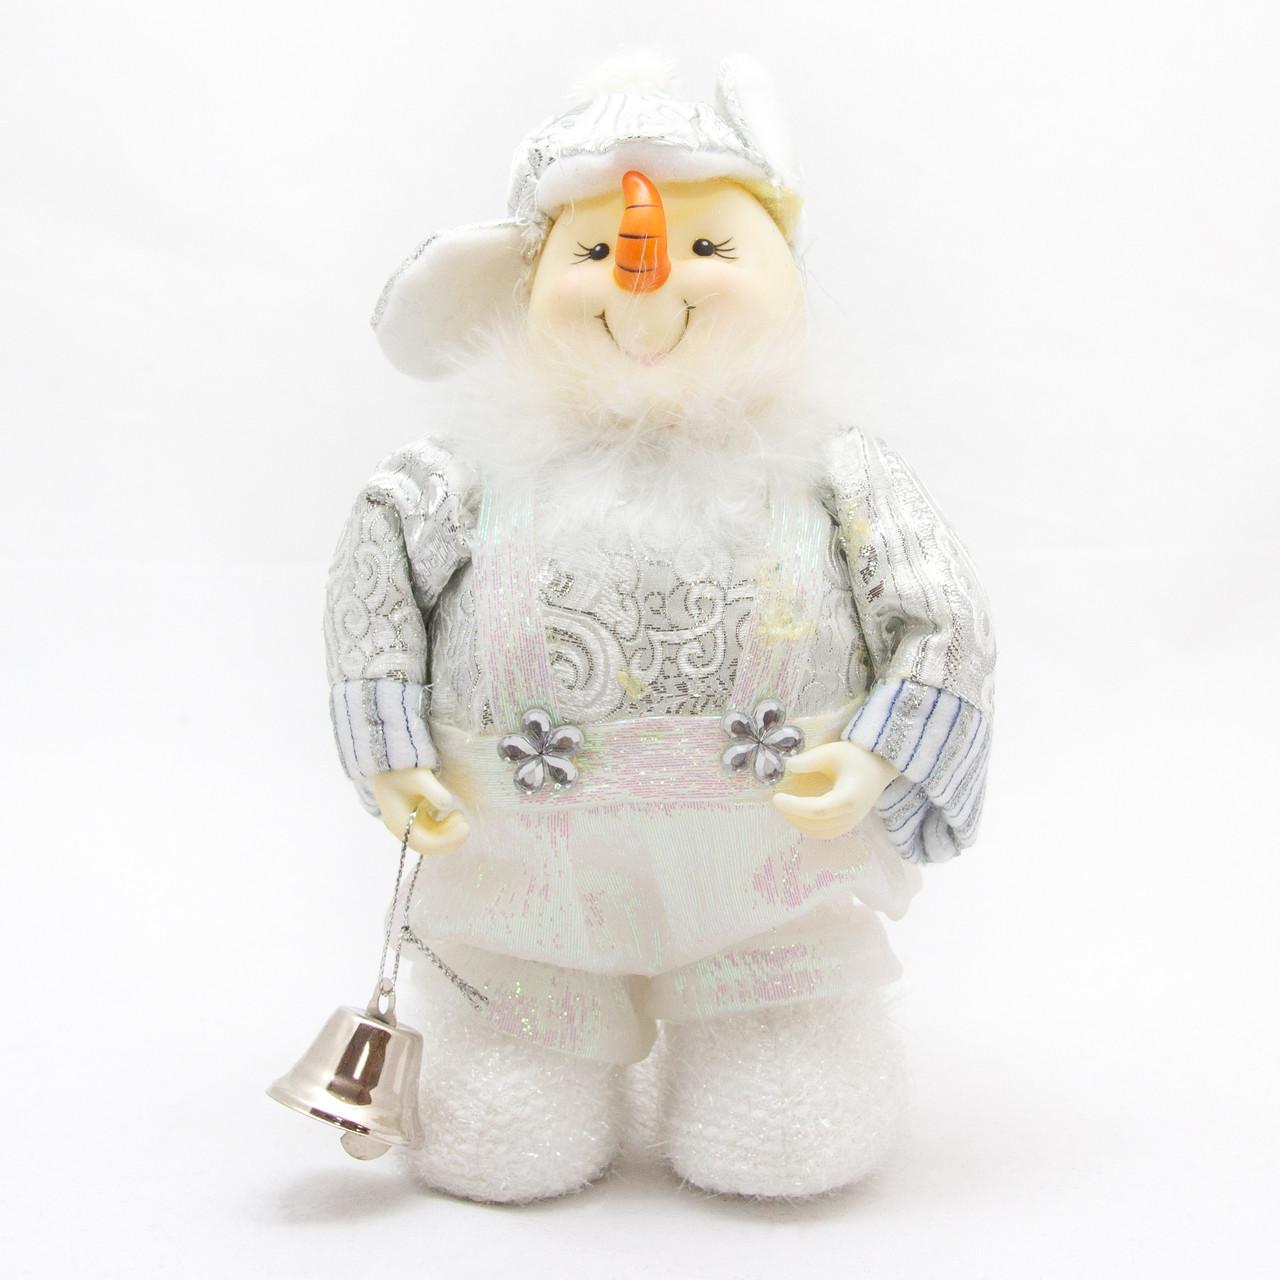 Новогодняя сувенирная фигурка мягкая Снеговик, 20 см, белый (180424-5)